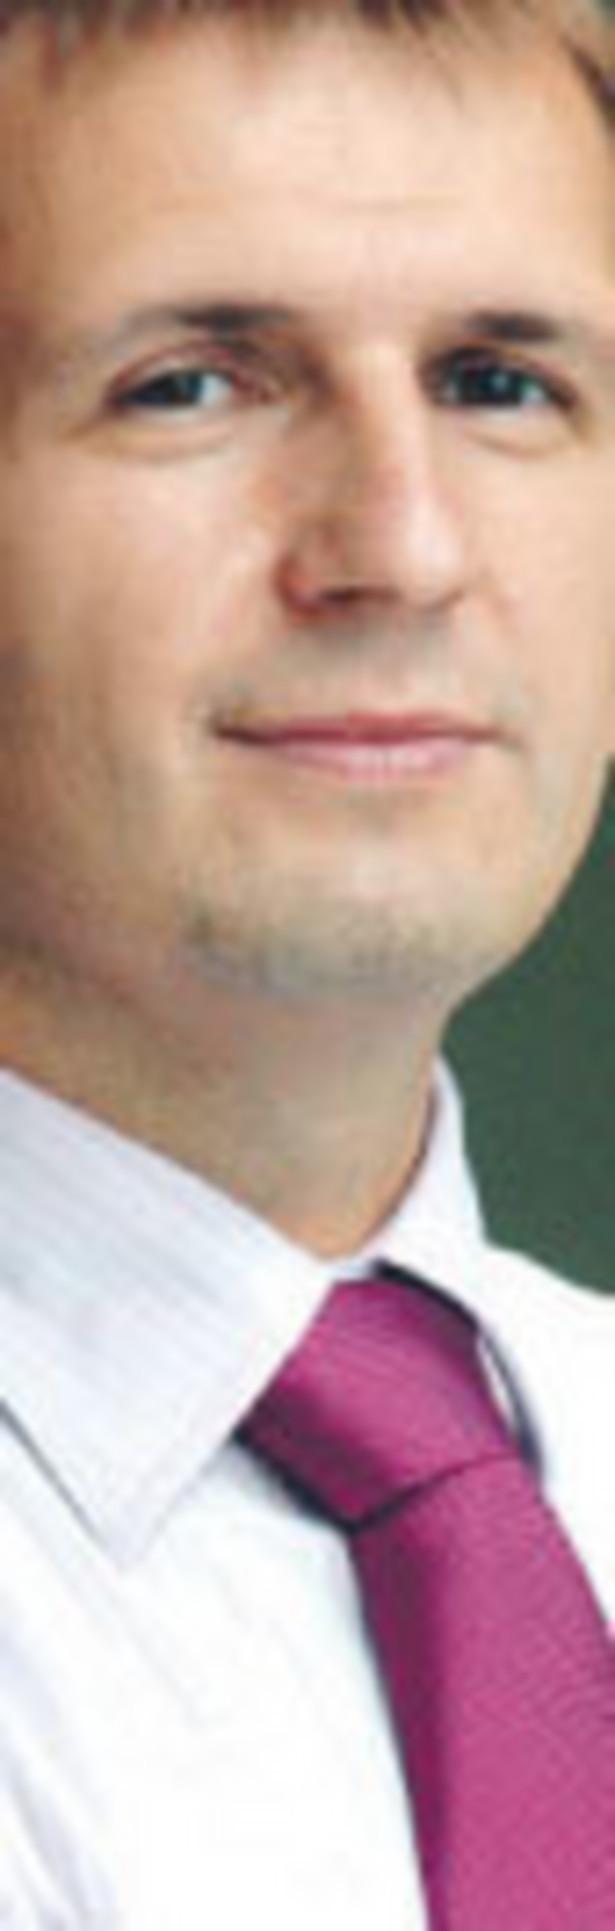 Robert Garncarek, dyrektor pionu zarządzania aktywami, członek zarządu AXA PTE